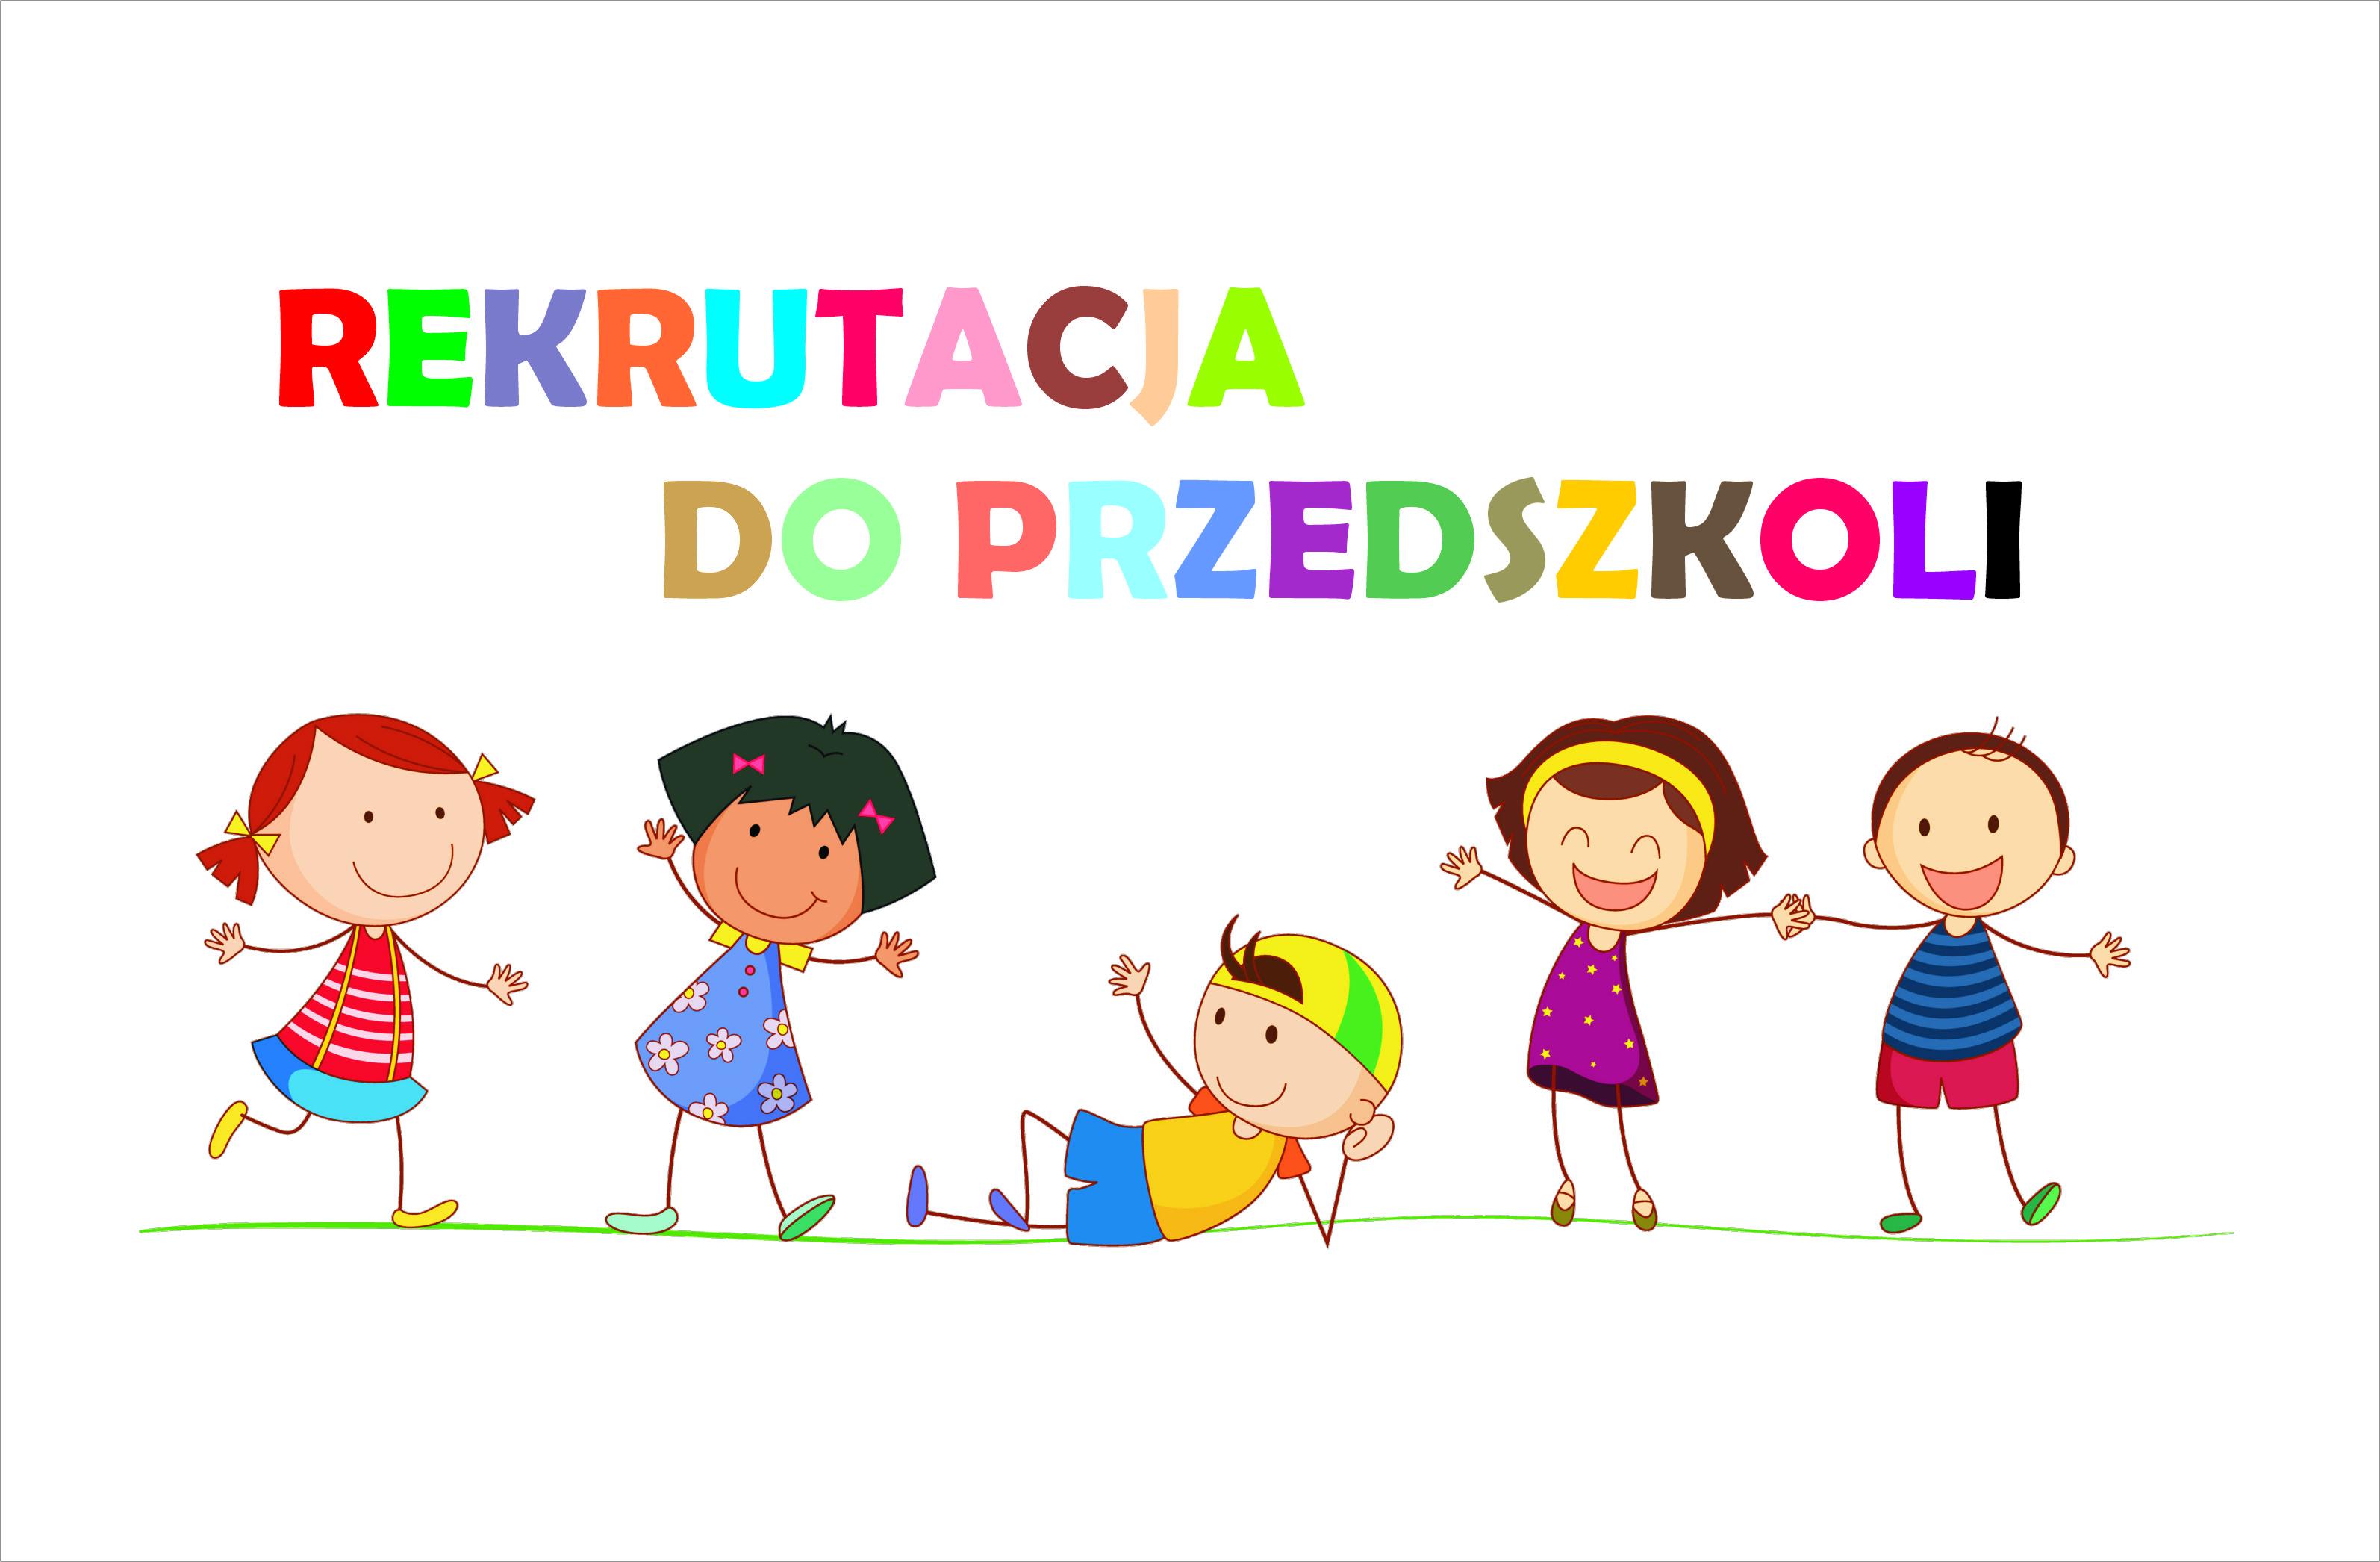 Znalezione obrazy dla zapytania rekrutacja do przedszkola